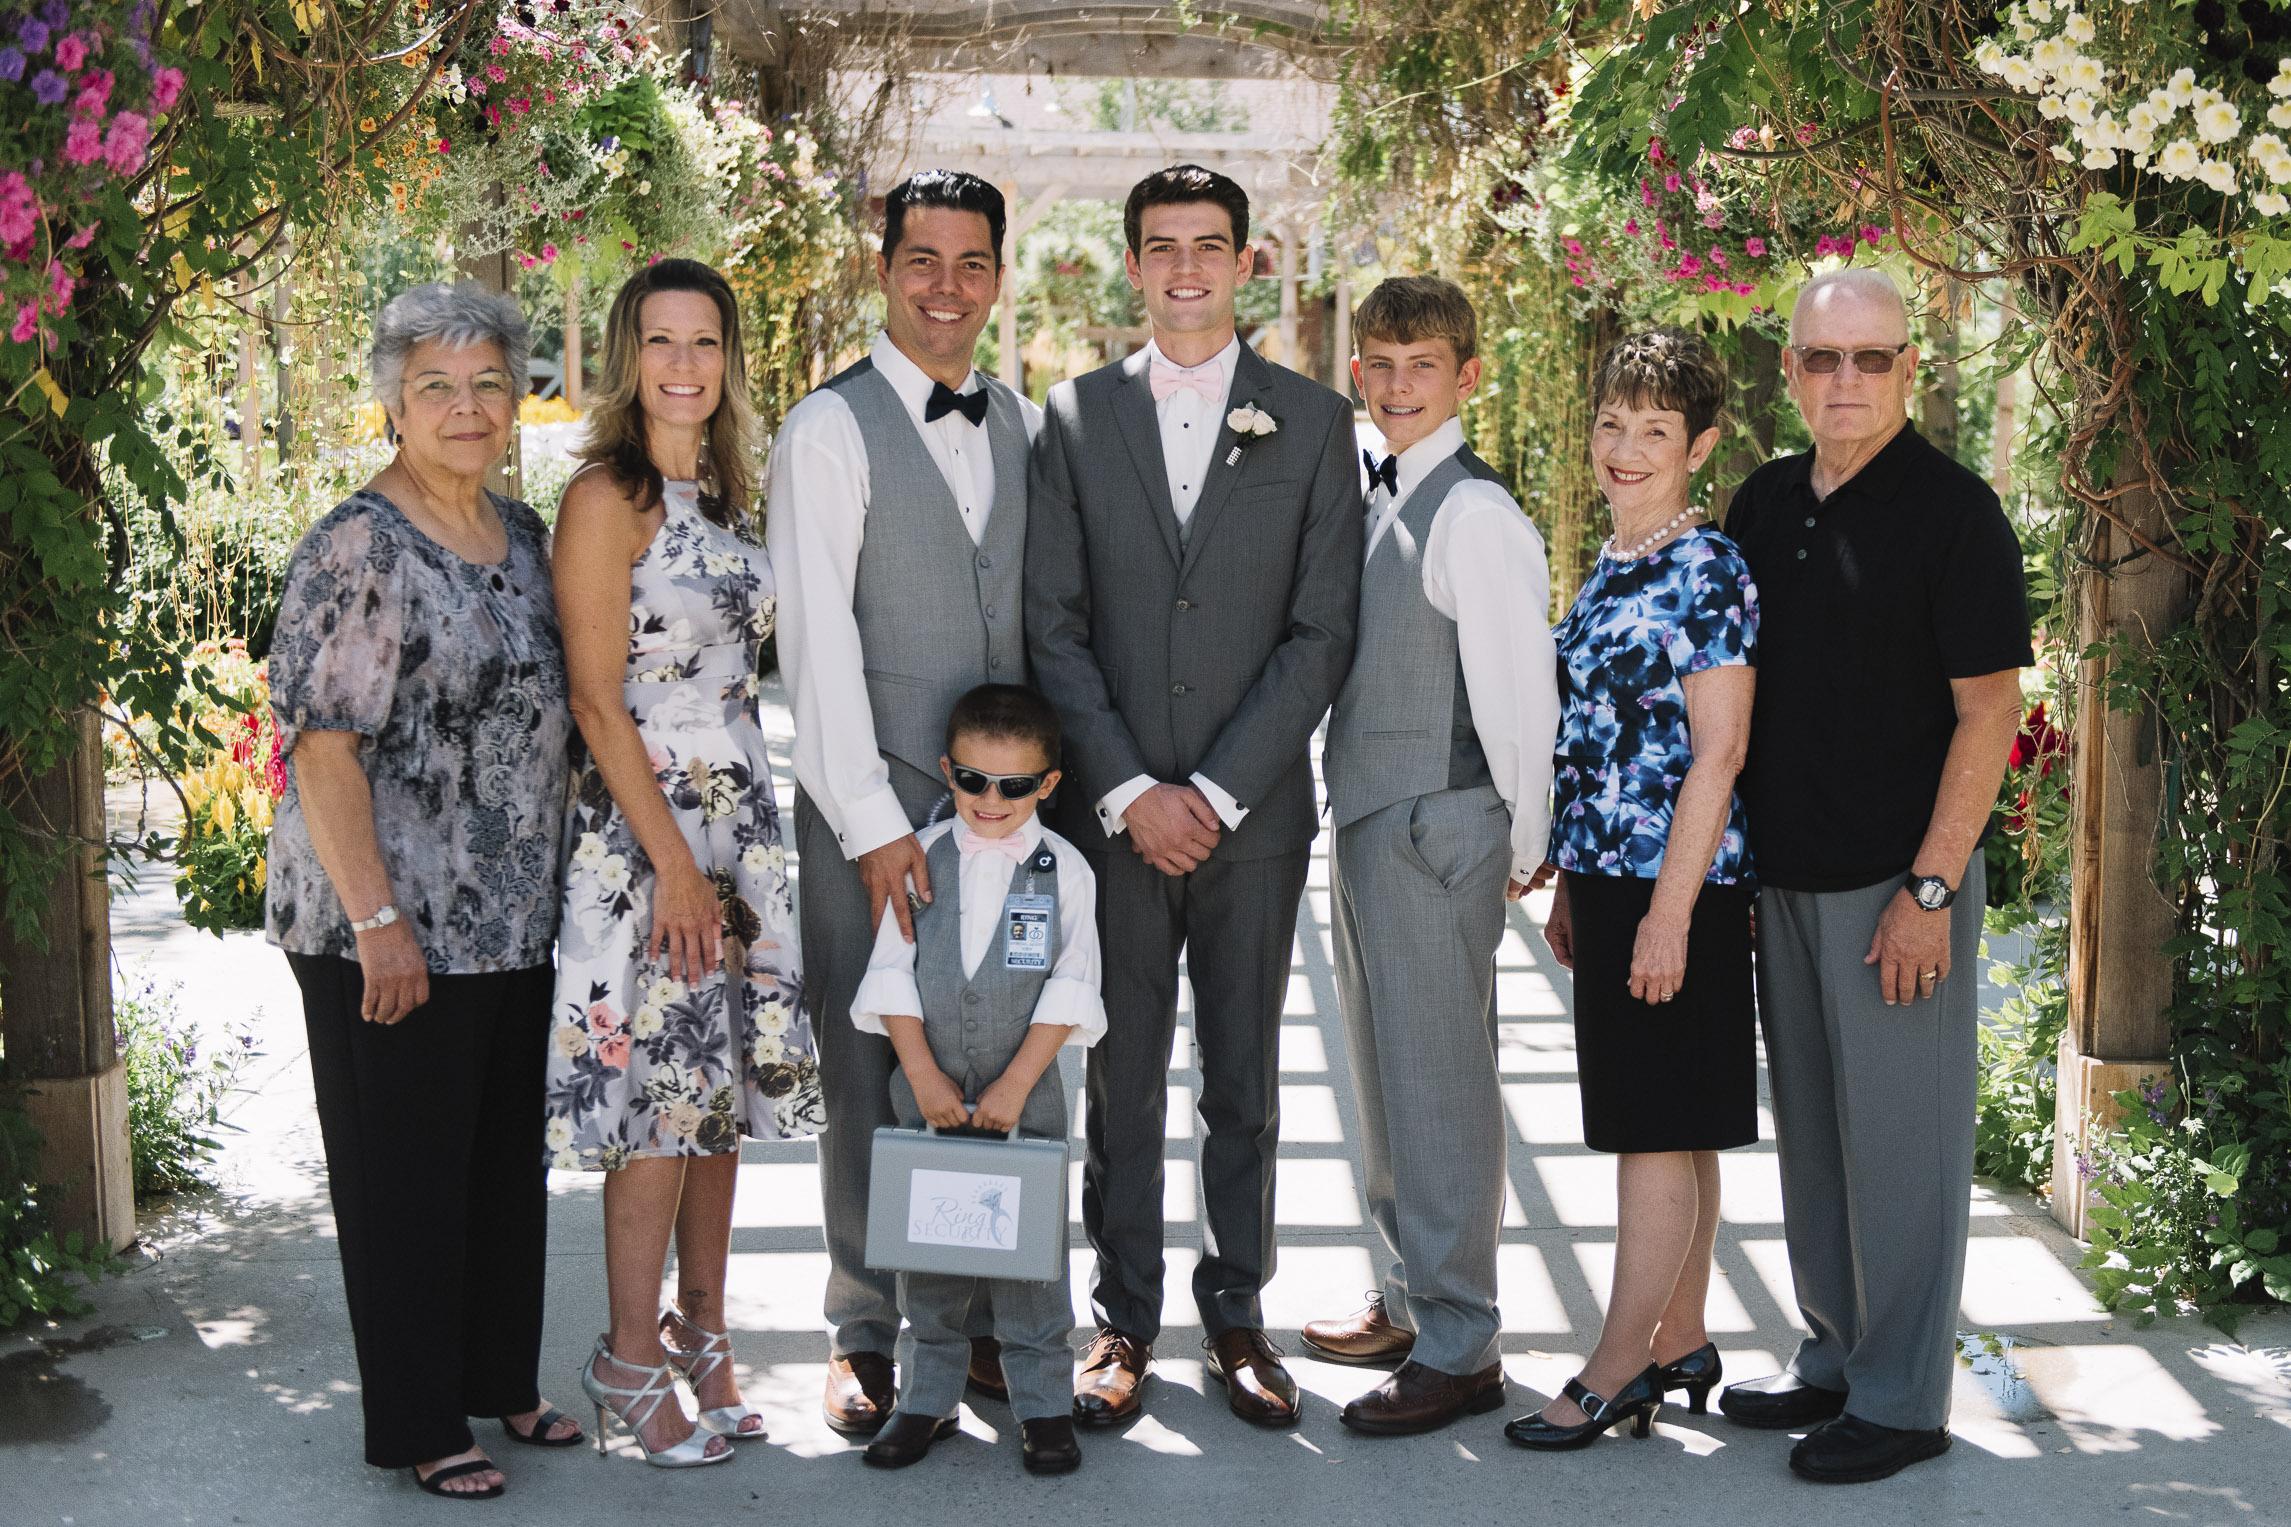 web sized images -- no to print --CALVIN & MCKYLEY WEDDING PHOTOS - COLORADO PHOTOGRAPHER - DEBI RAE PHOTOGRAPHY-164.jpg